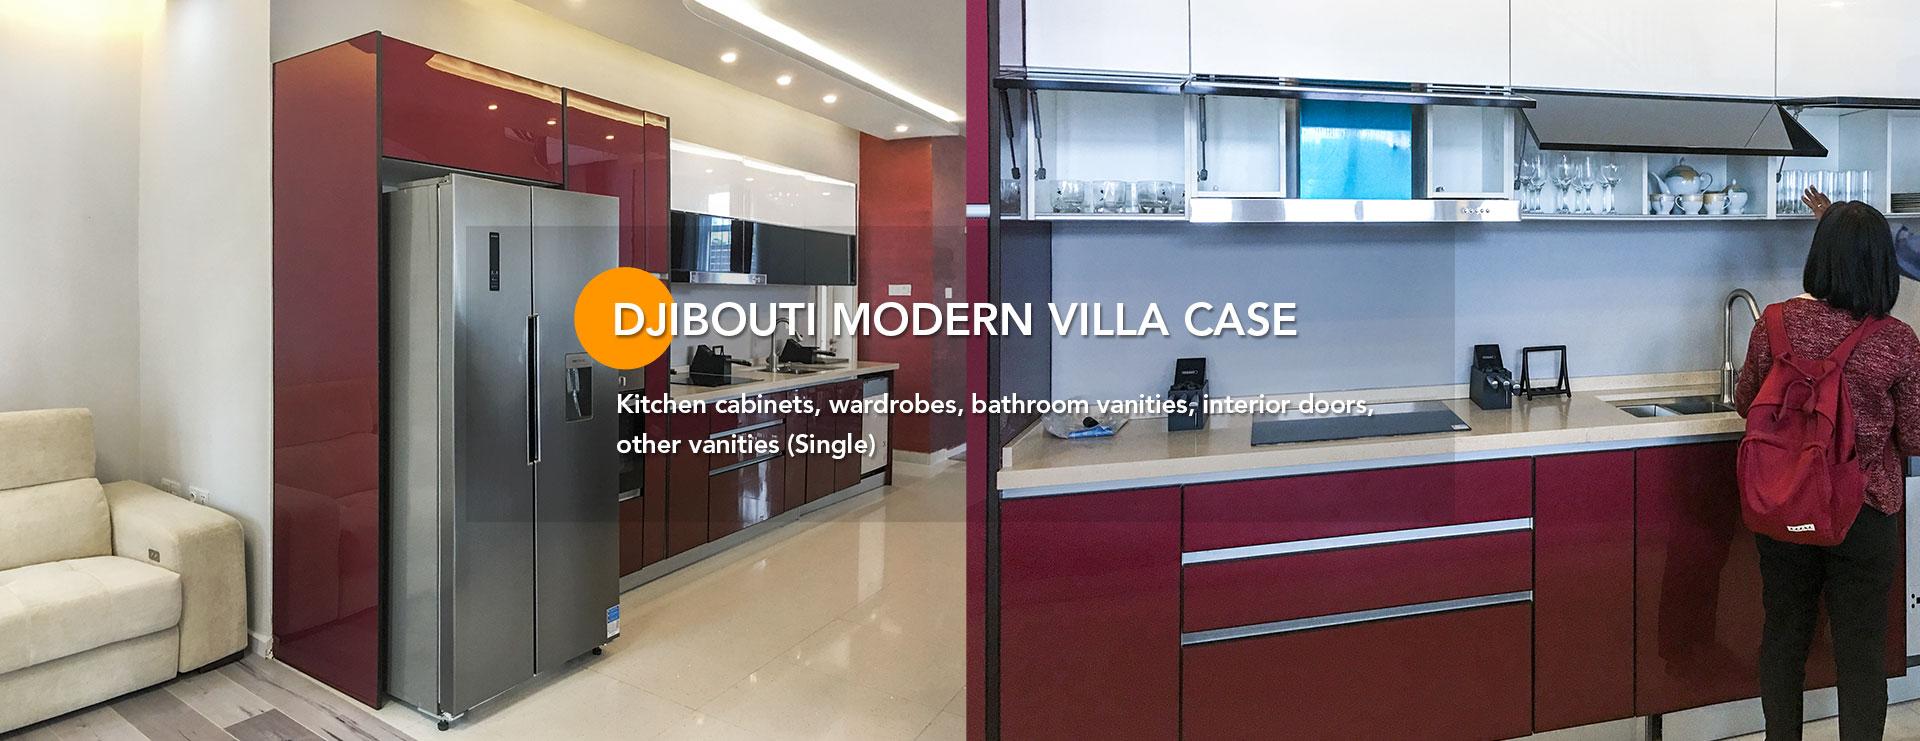 Djibouti-Modern-Villa-Case01-banner